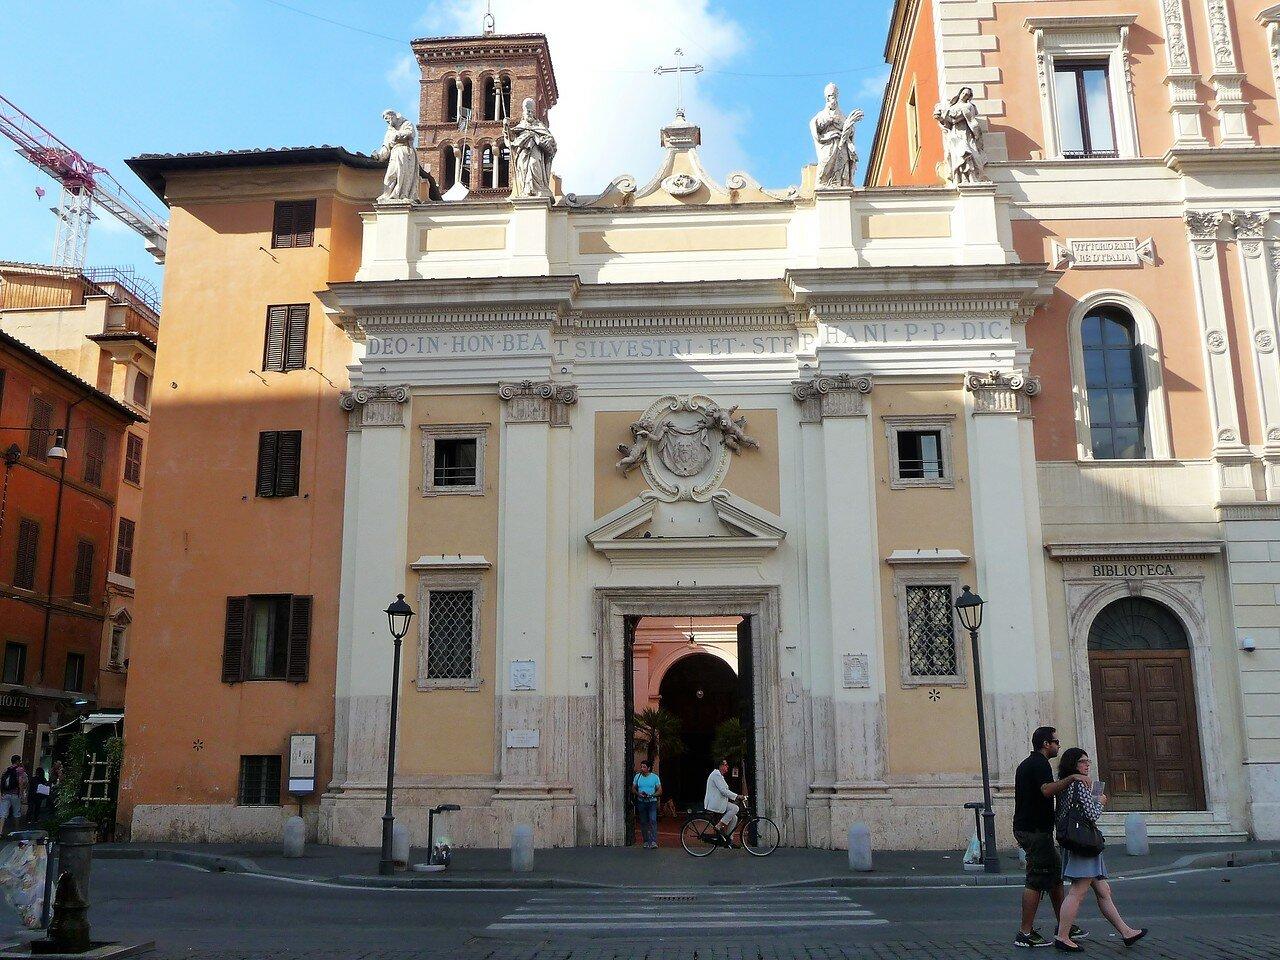 Chiesa San Silvestro in Capite (1).JPG